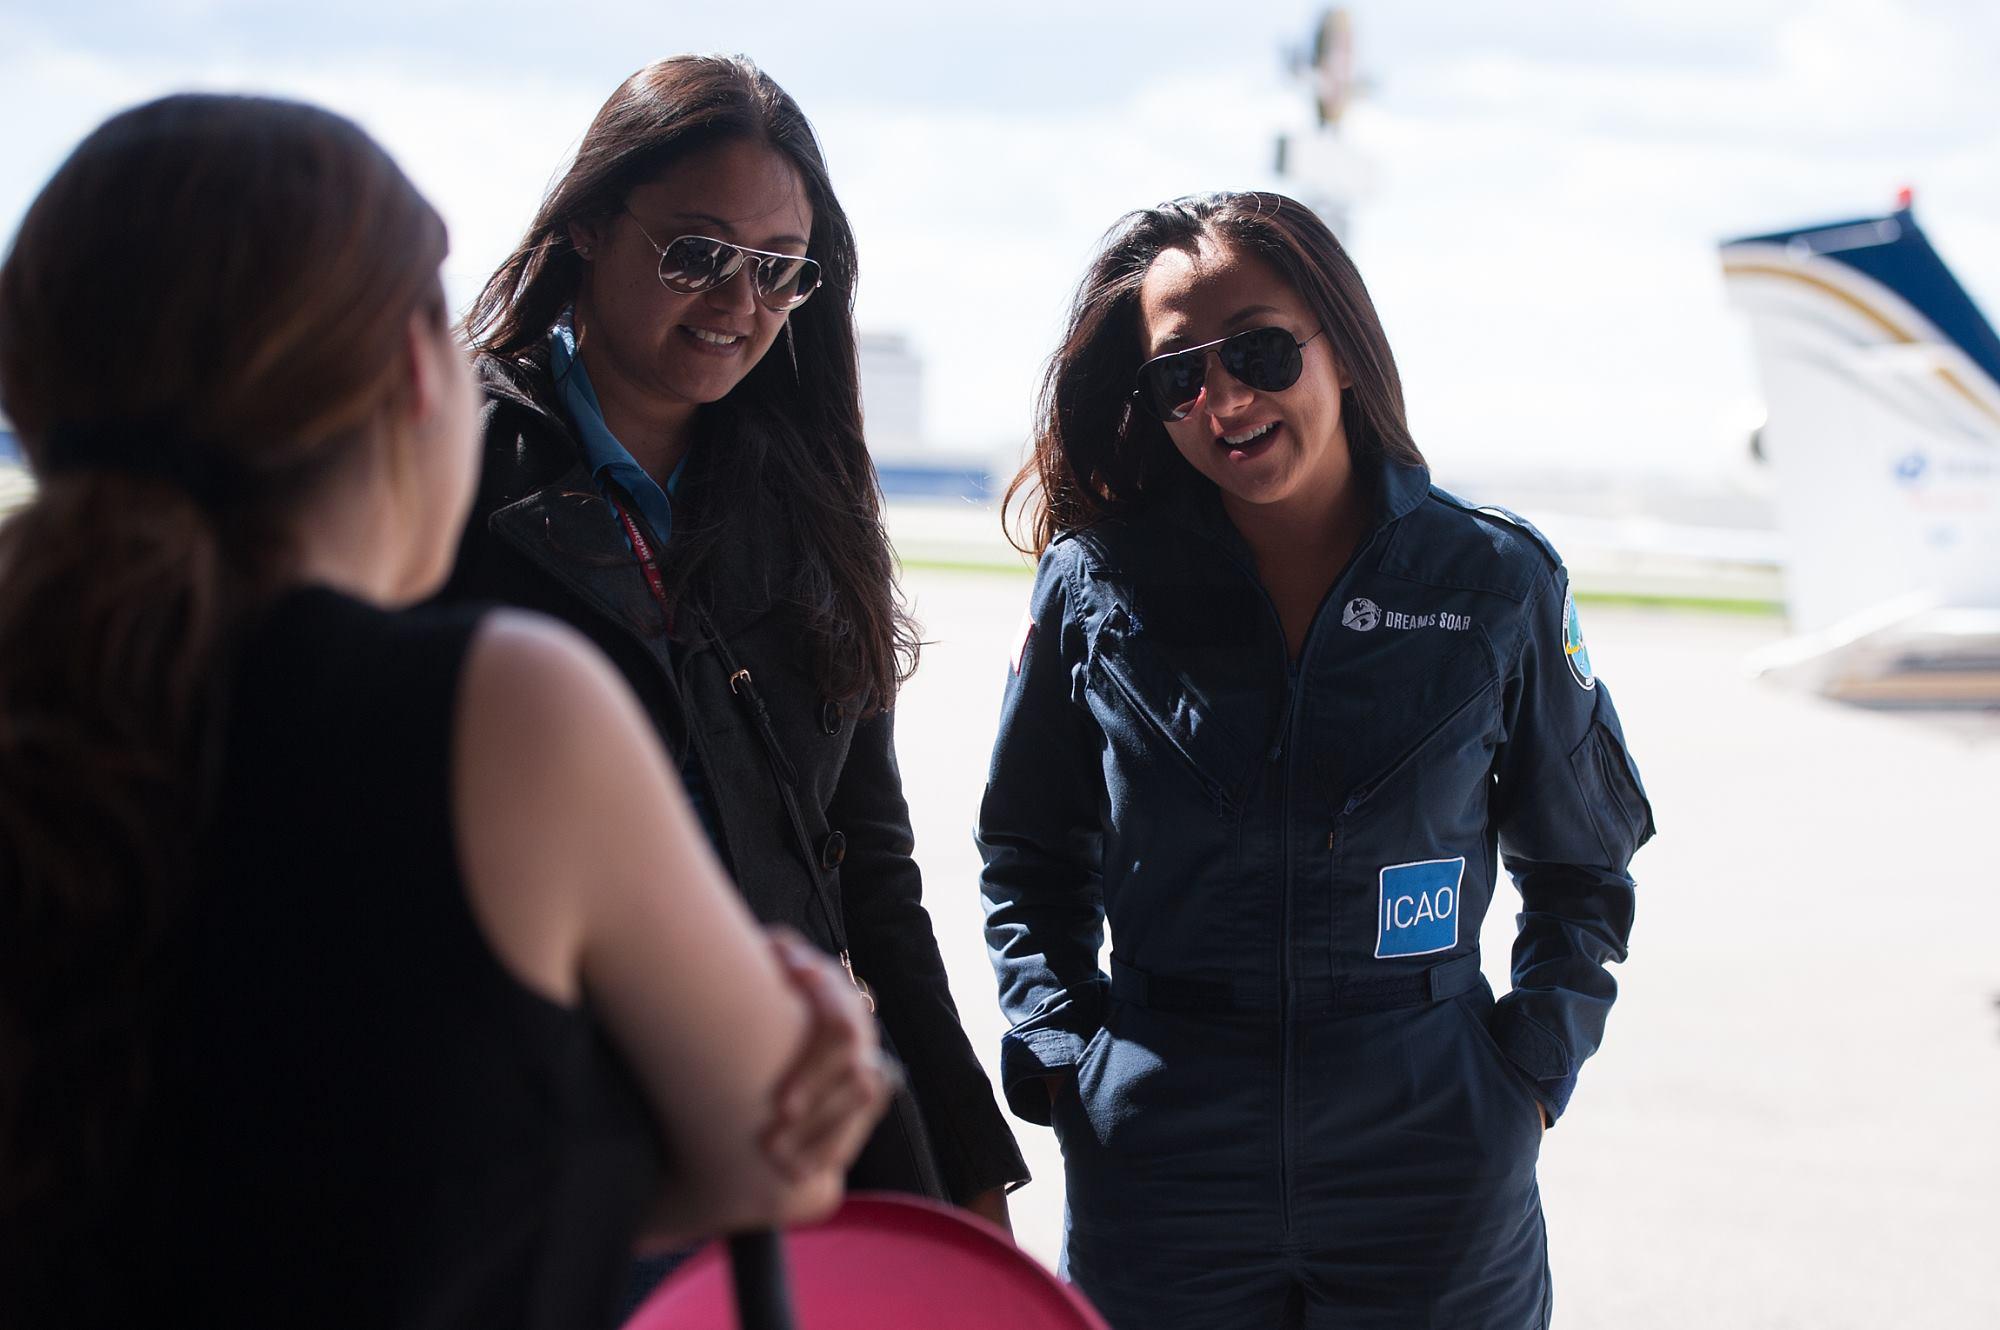 السيدة الافغانية المصنفة الطيارة الأولى فى العالم